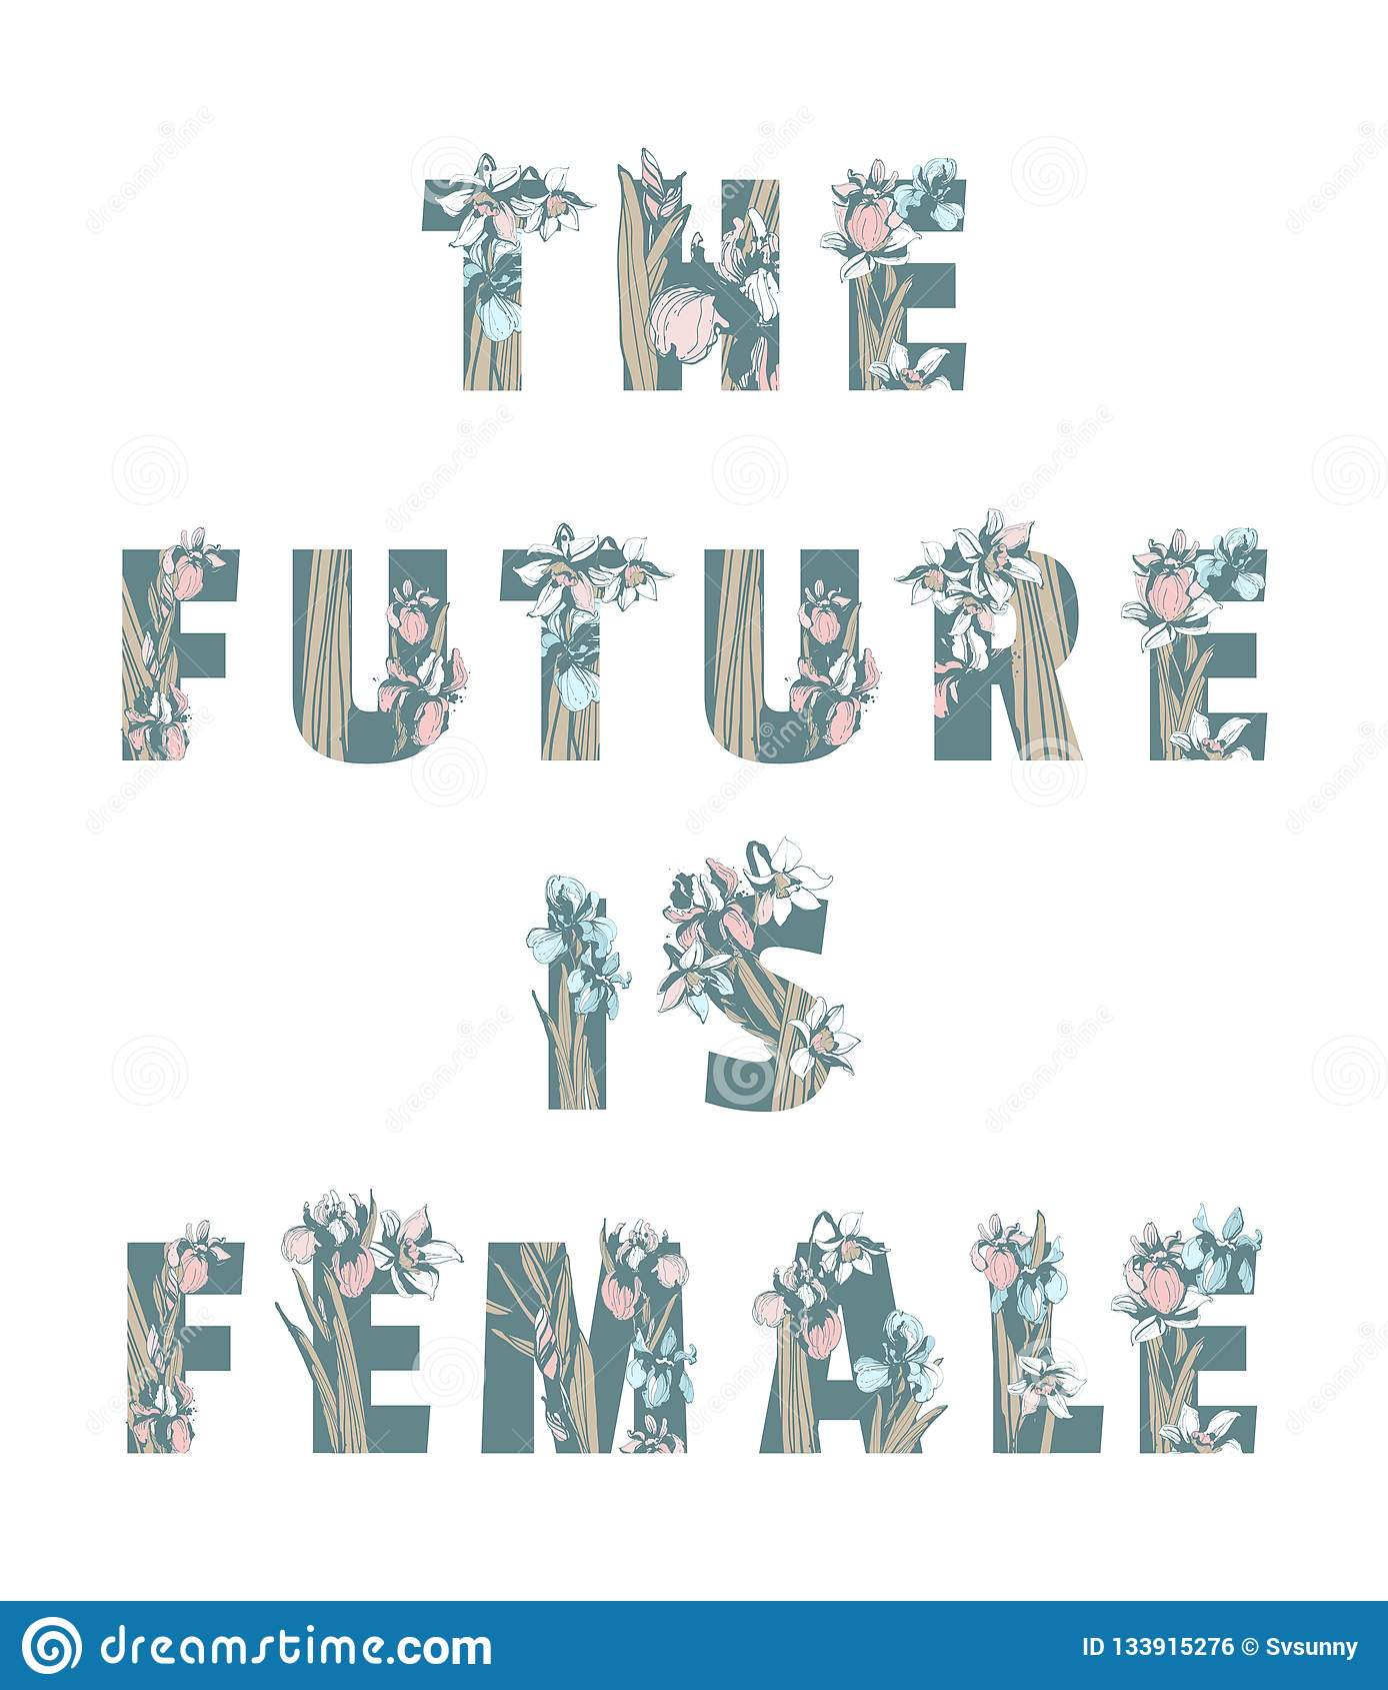 Γράφοντας τη φεμινιστική μπλούζα αδελφότητας τυπώστε το ΜΕΛΛΟΝ ΕΙΝΑΙ ΘΗΛΥΚΑ κοριτσιών γυναικών λουλούδια άνοιξη σχεδίων δύναμης σ